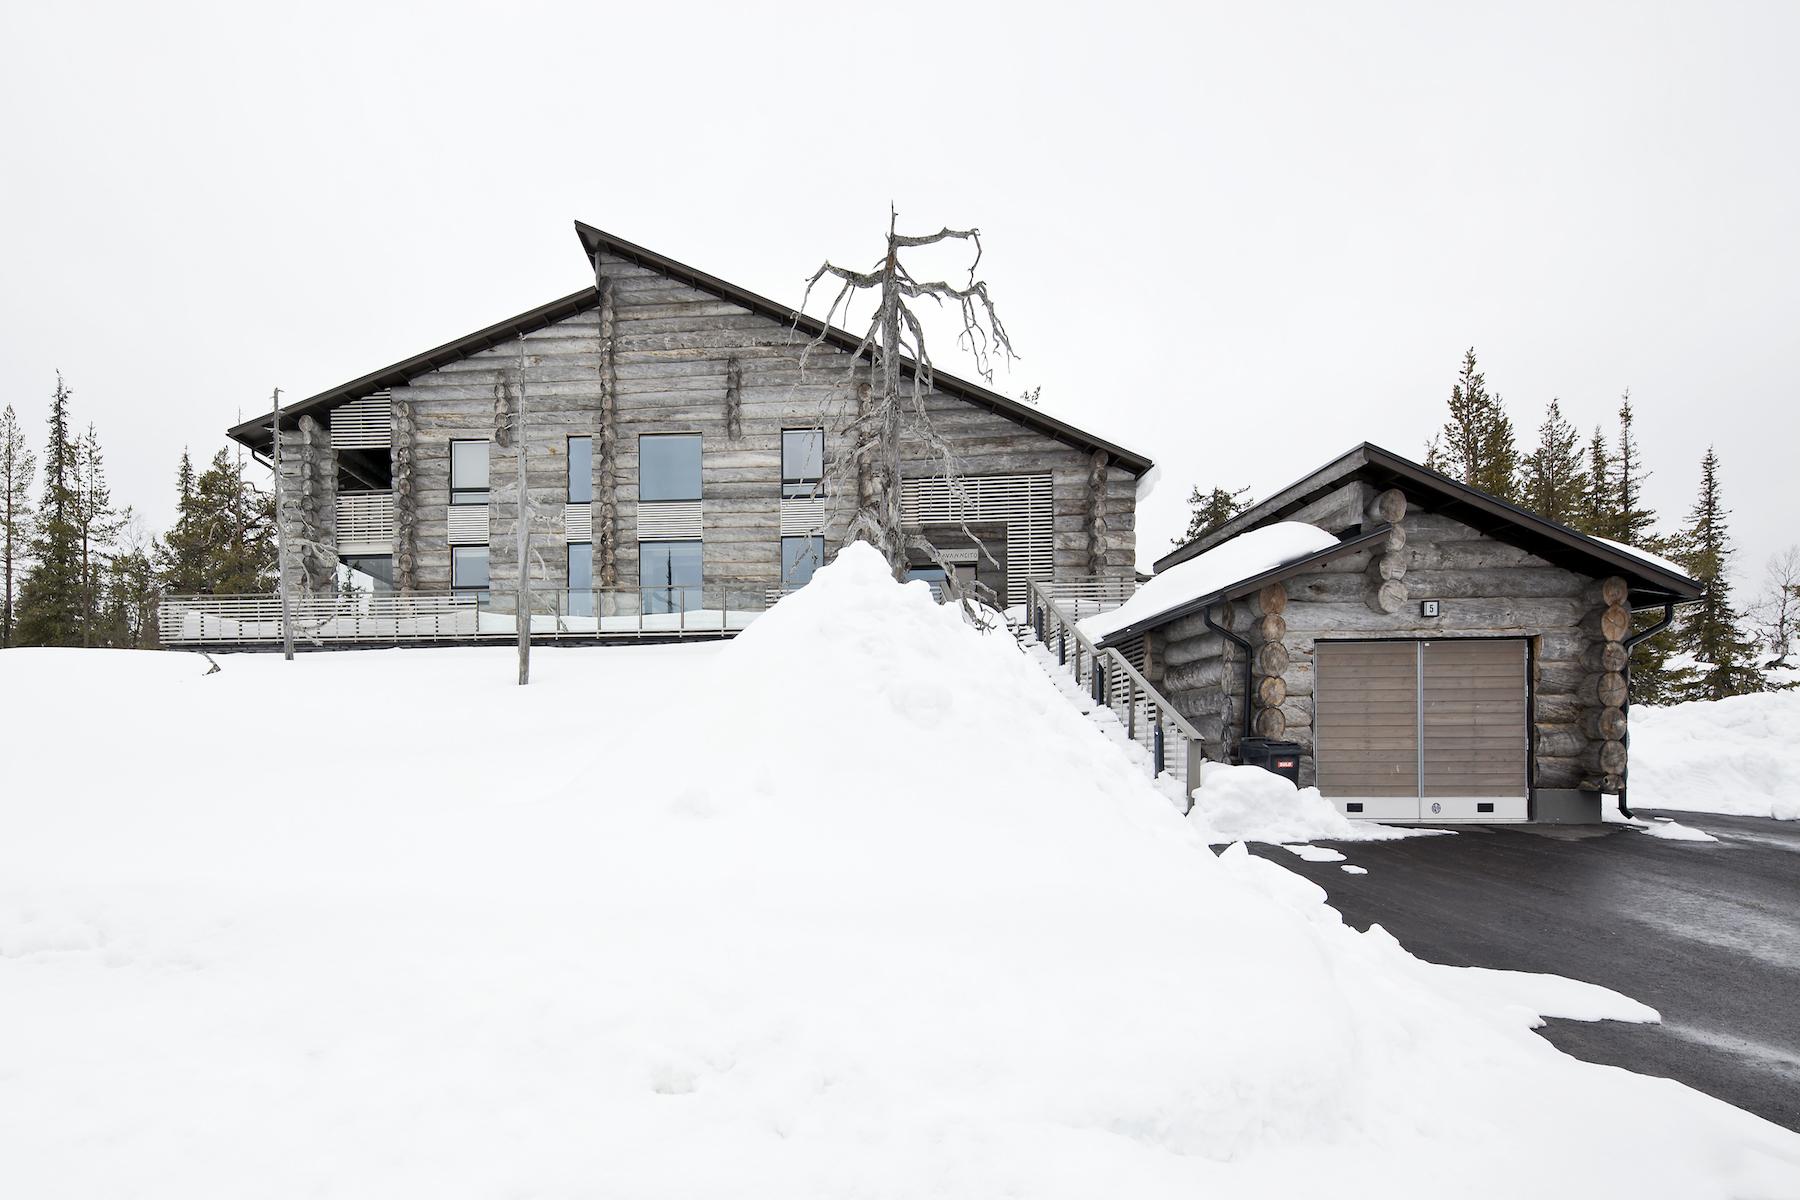 Частный односемейный дом для того Продажа на Incredible ski villa in Levi Utsunkutsu 5 Other Cities In Finland, Cities In Finland, 99130 Finland